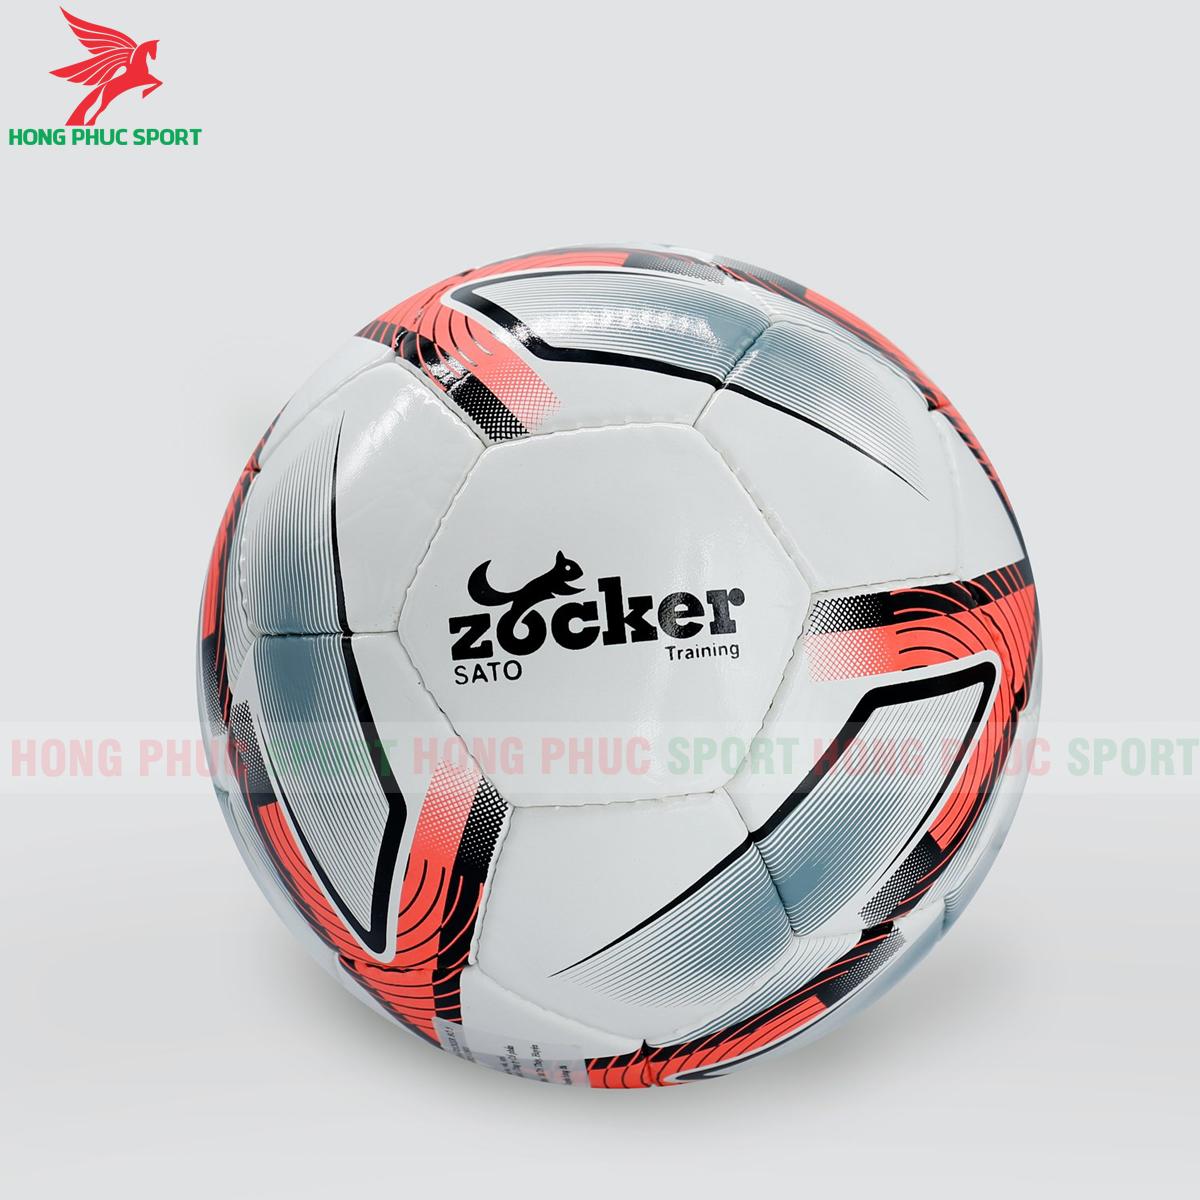 Quả bóng đá Zocker Sato S1901 mẫu 1màu cam